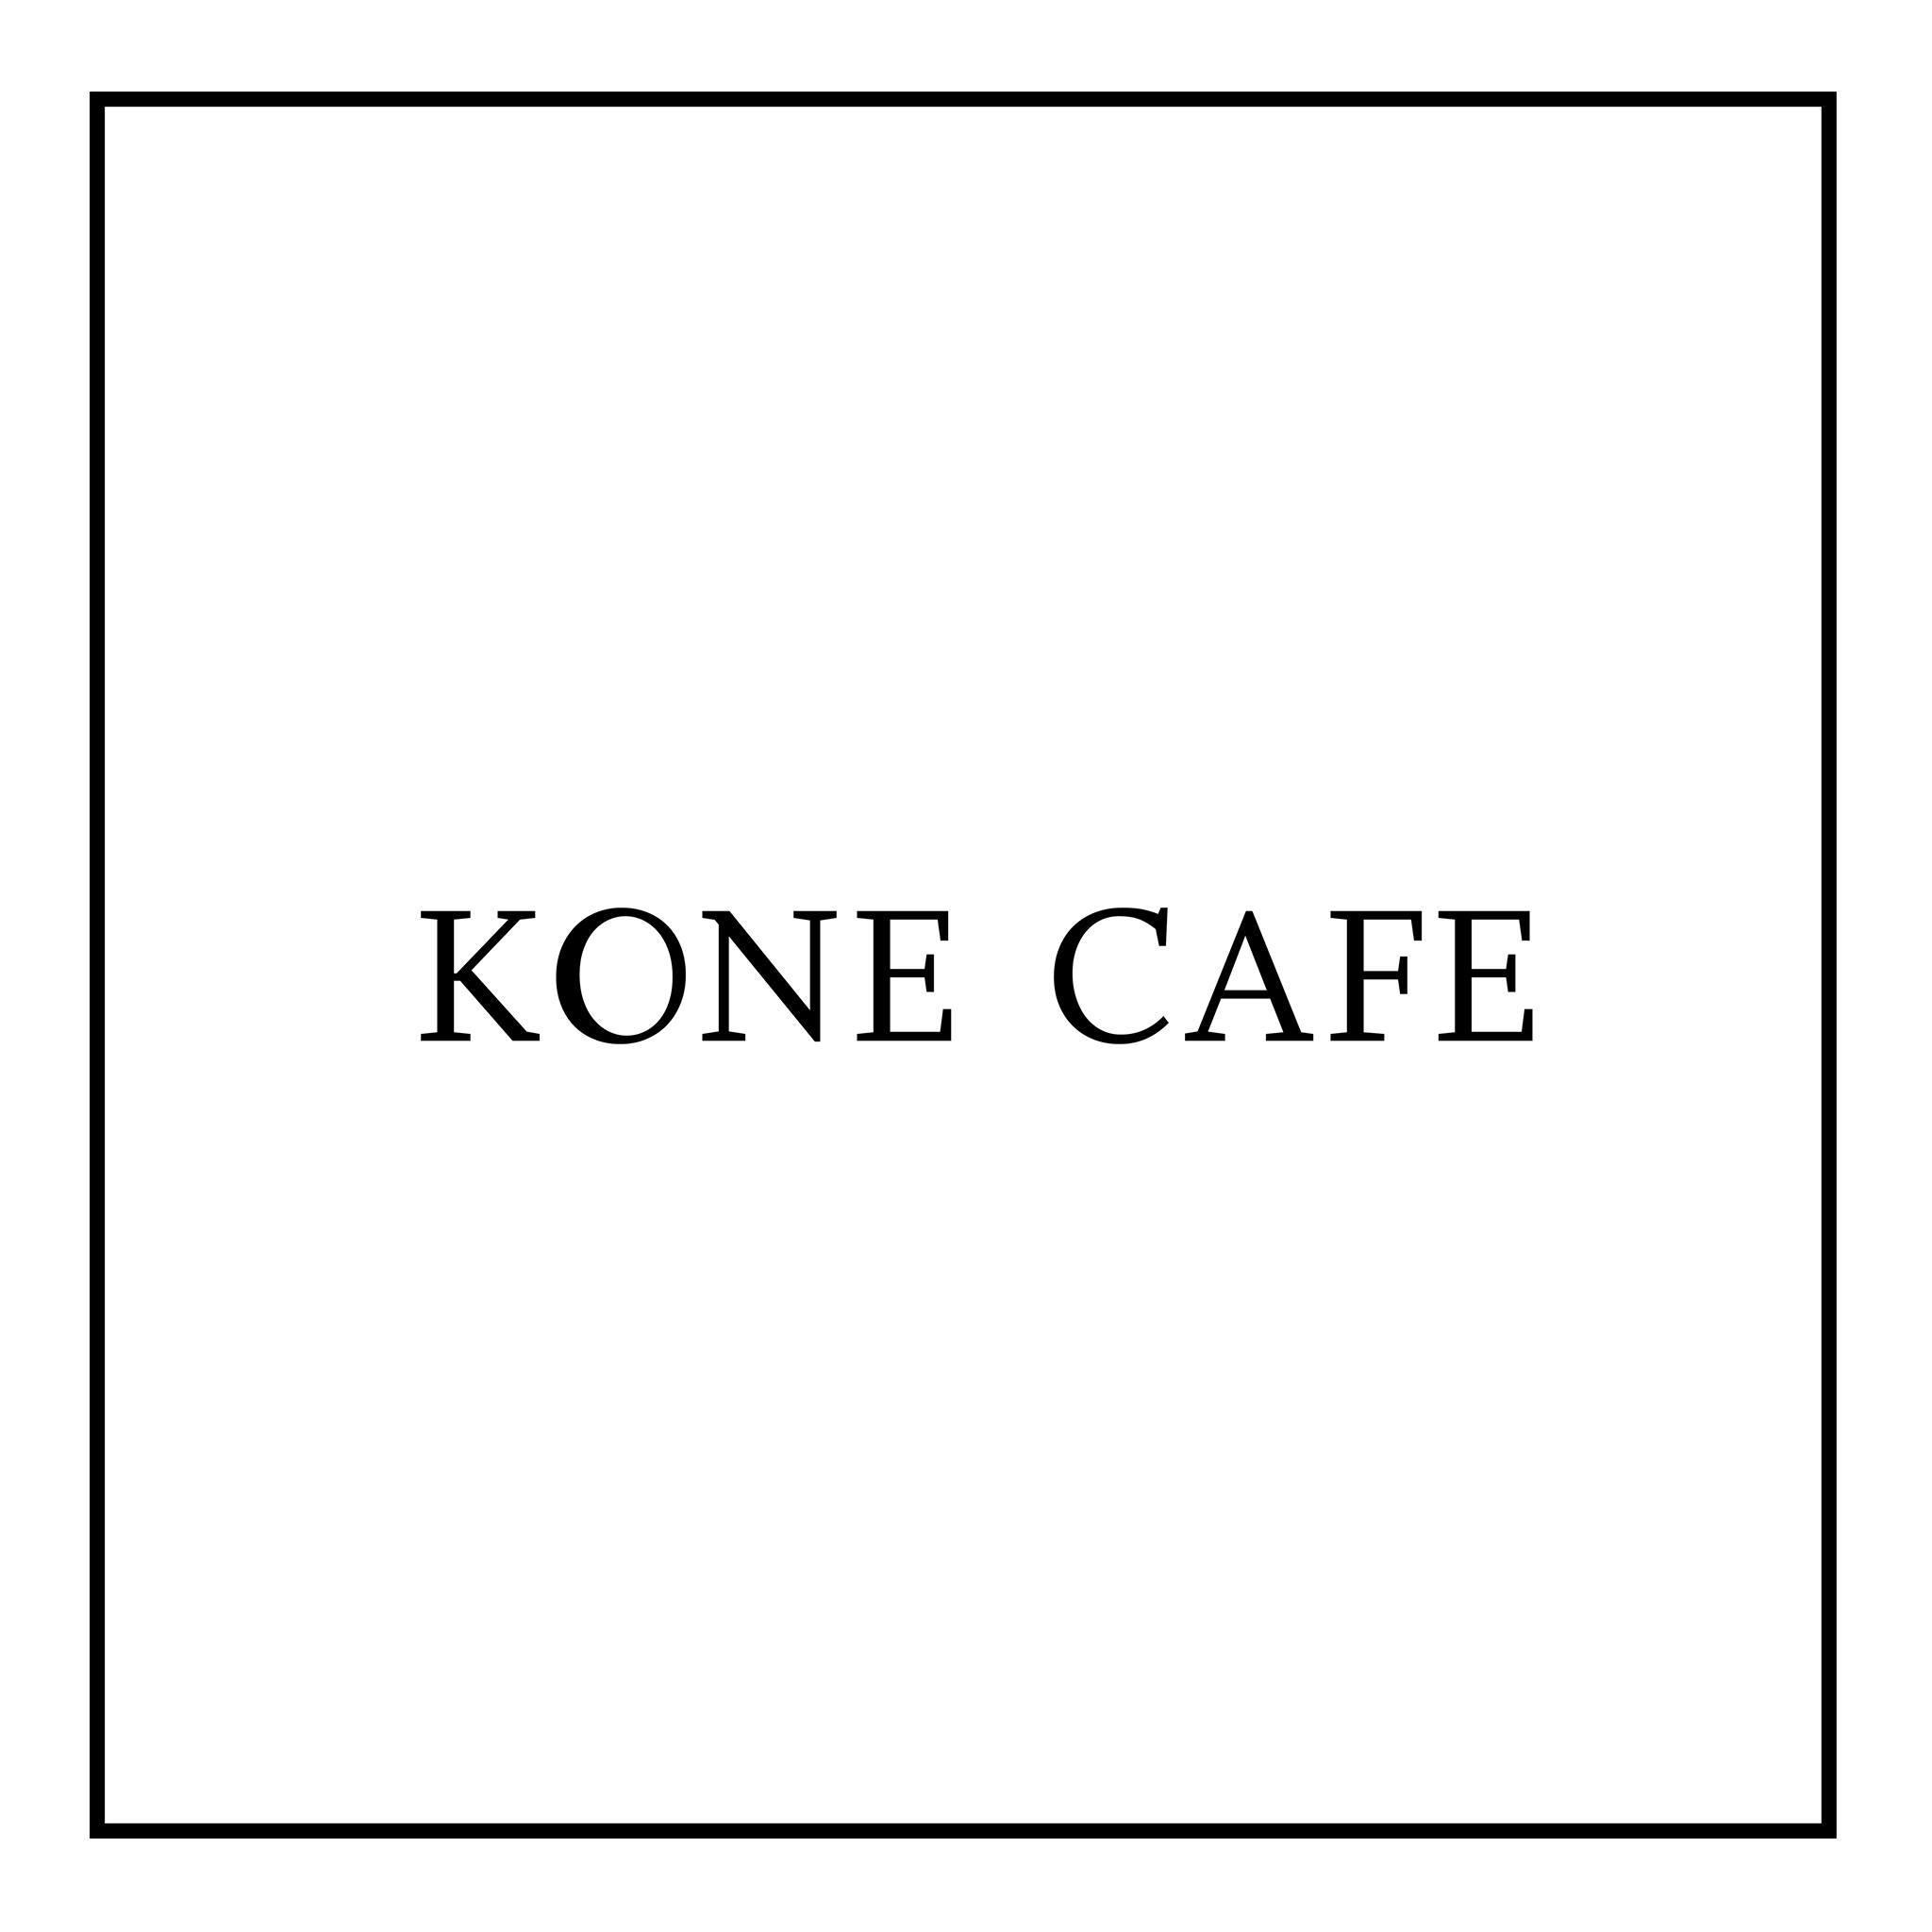 Kone Cafe